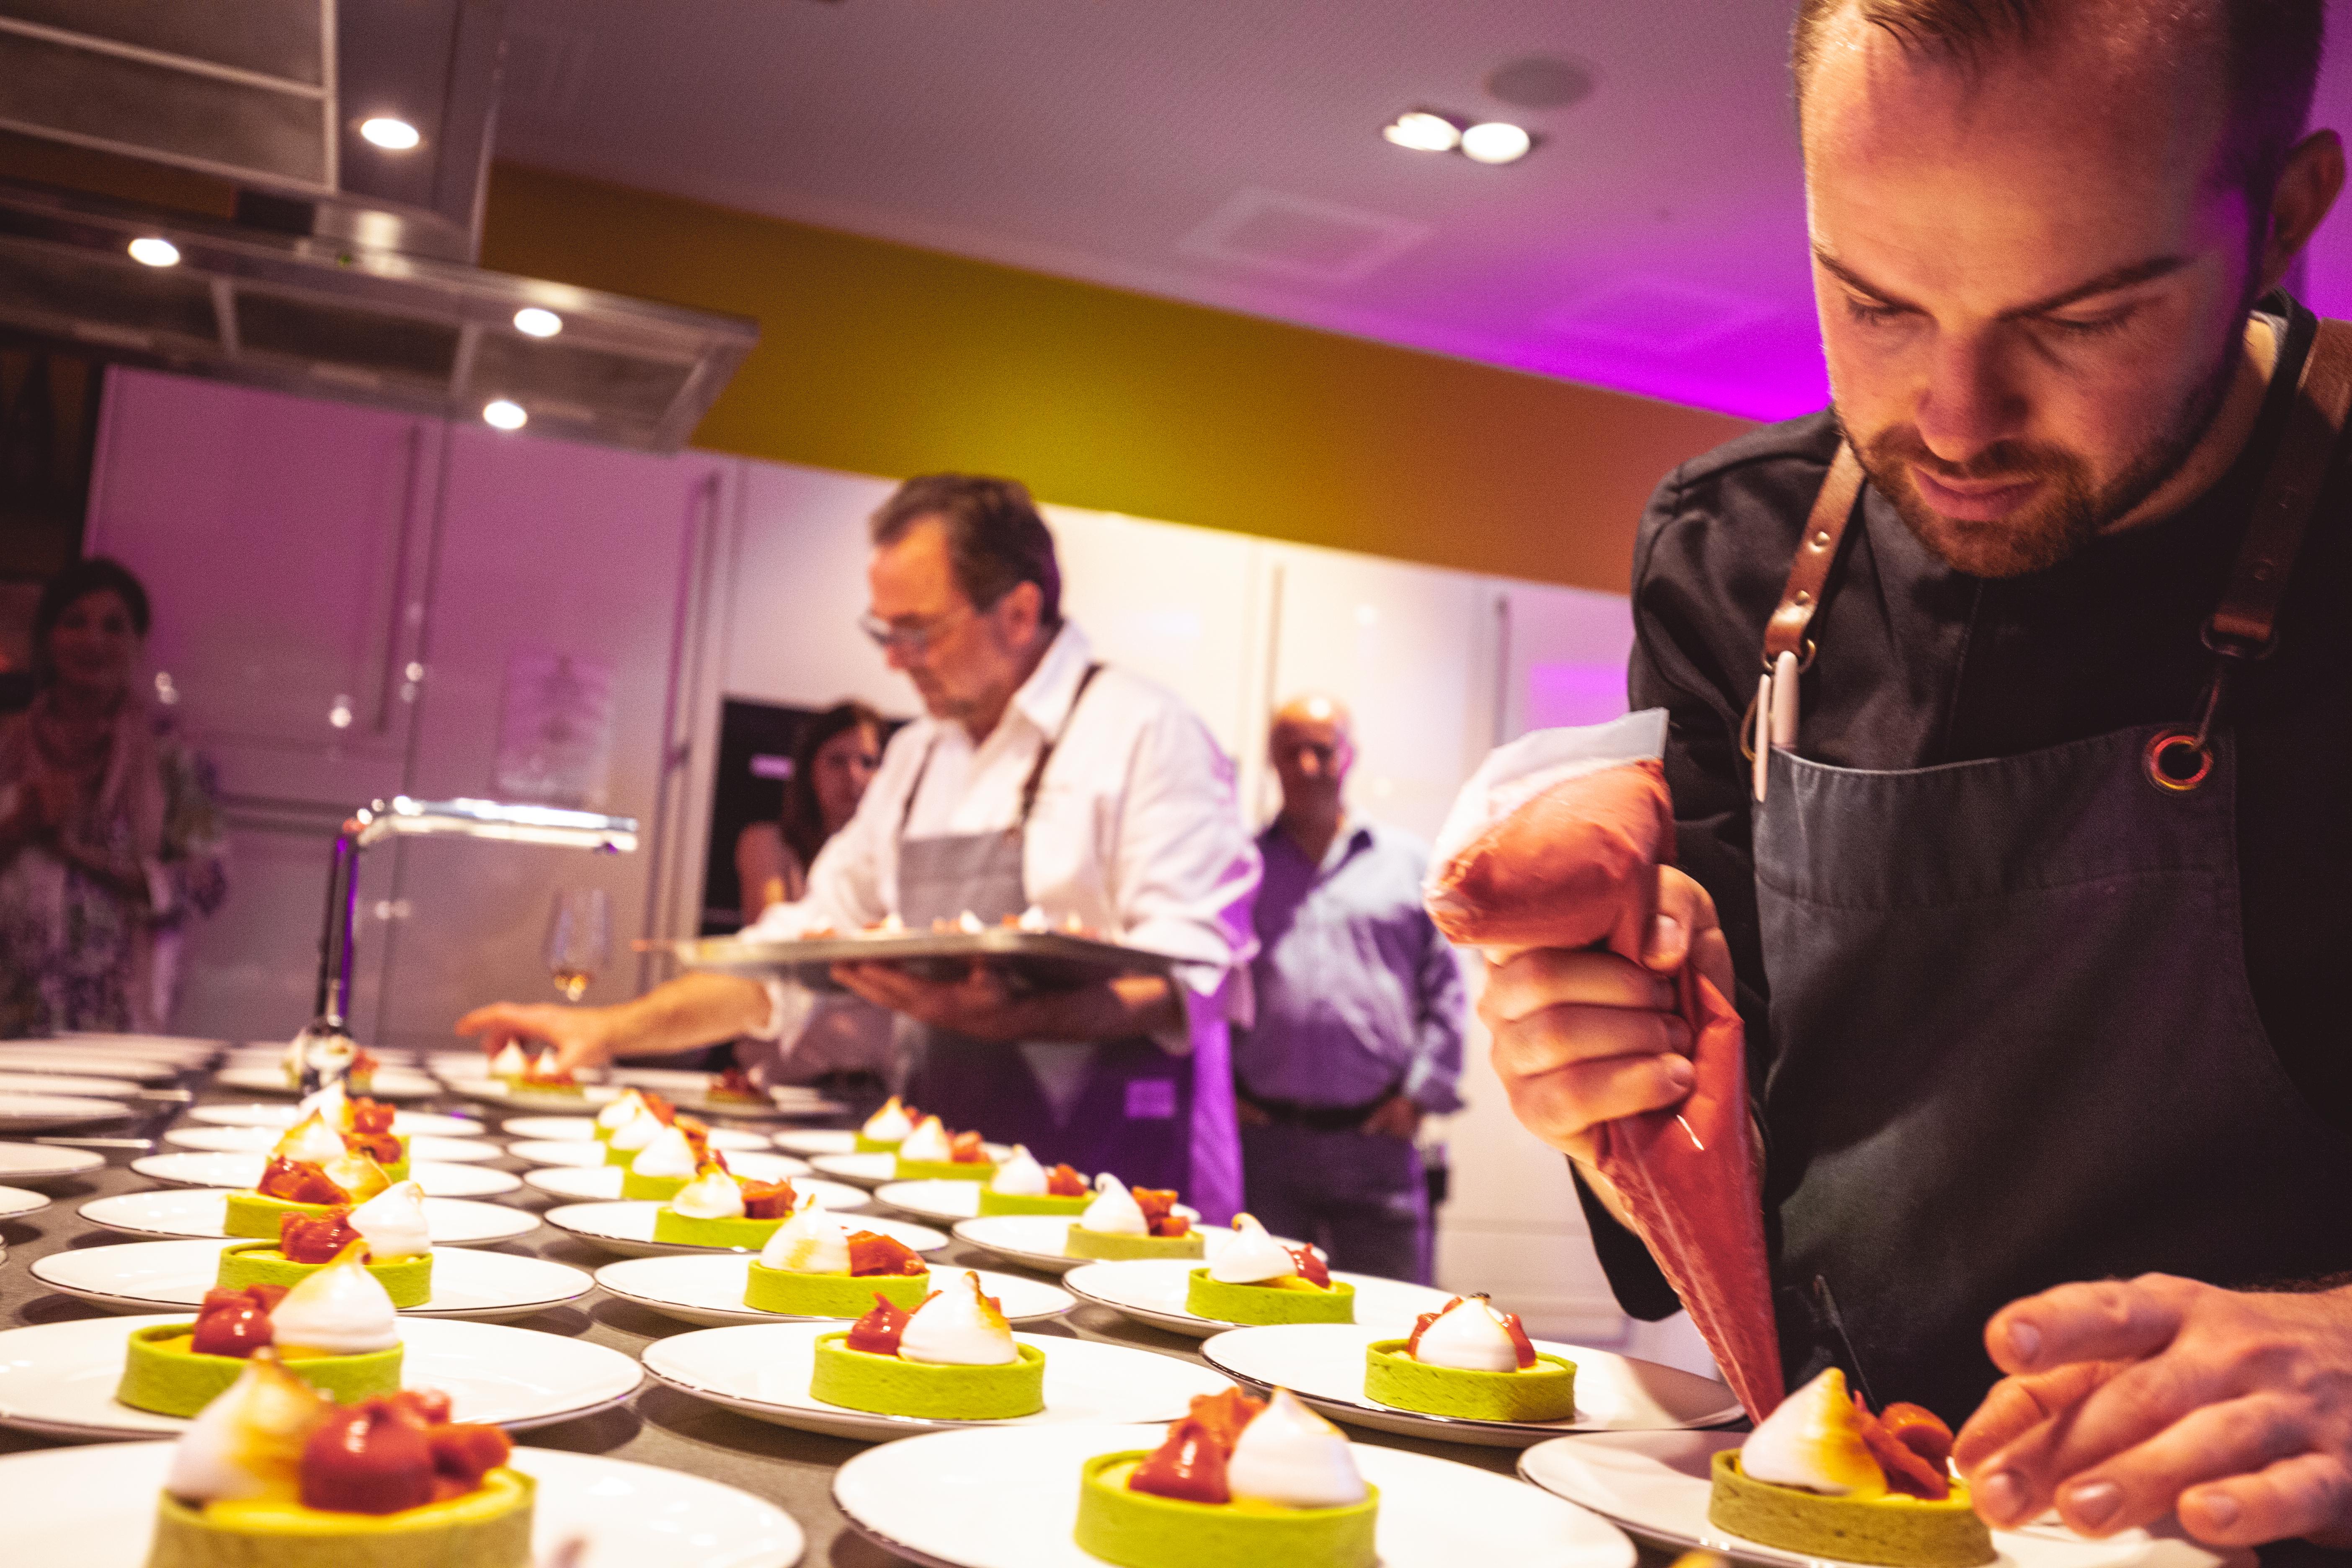 Küchenparty & Front-Cooking in der Kochschule - AUSGEBUCHT